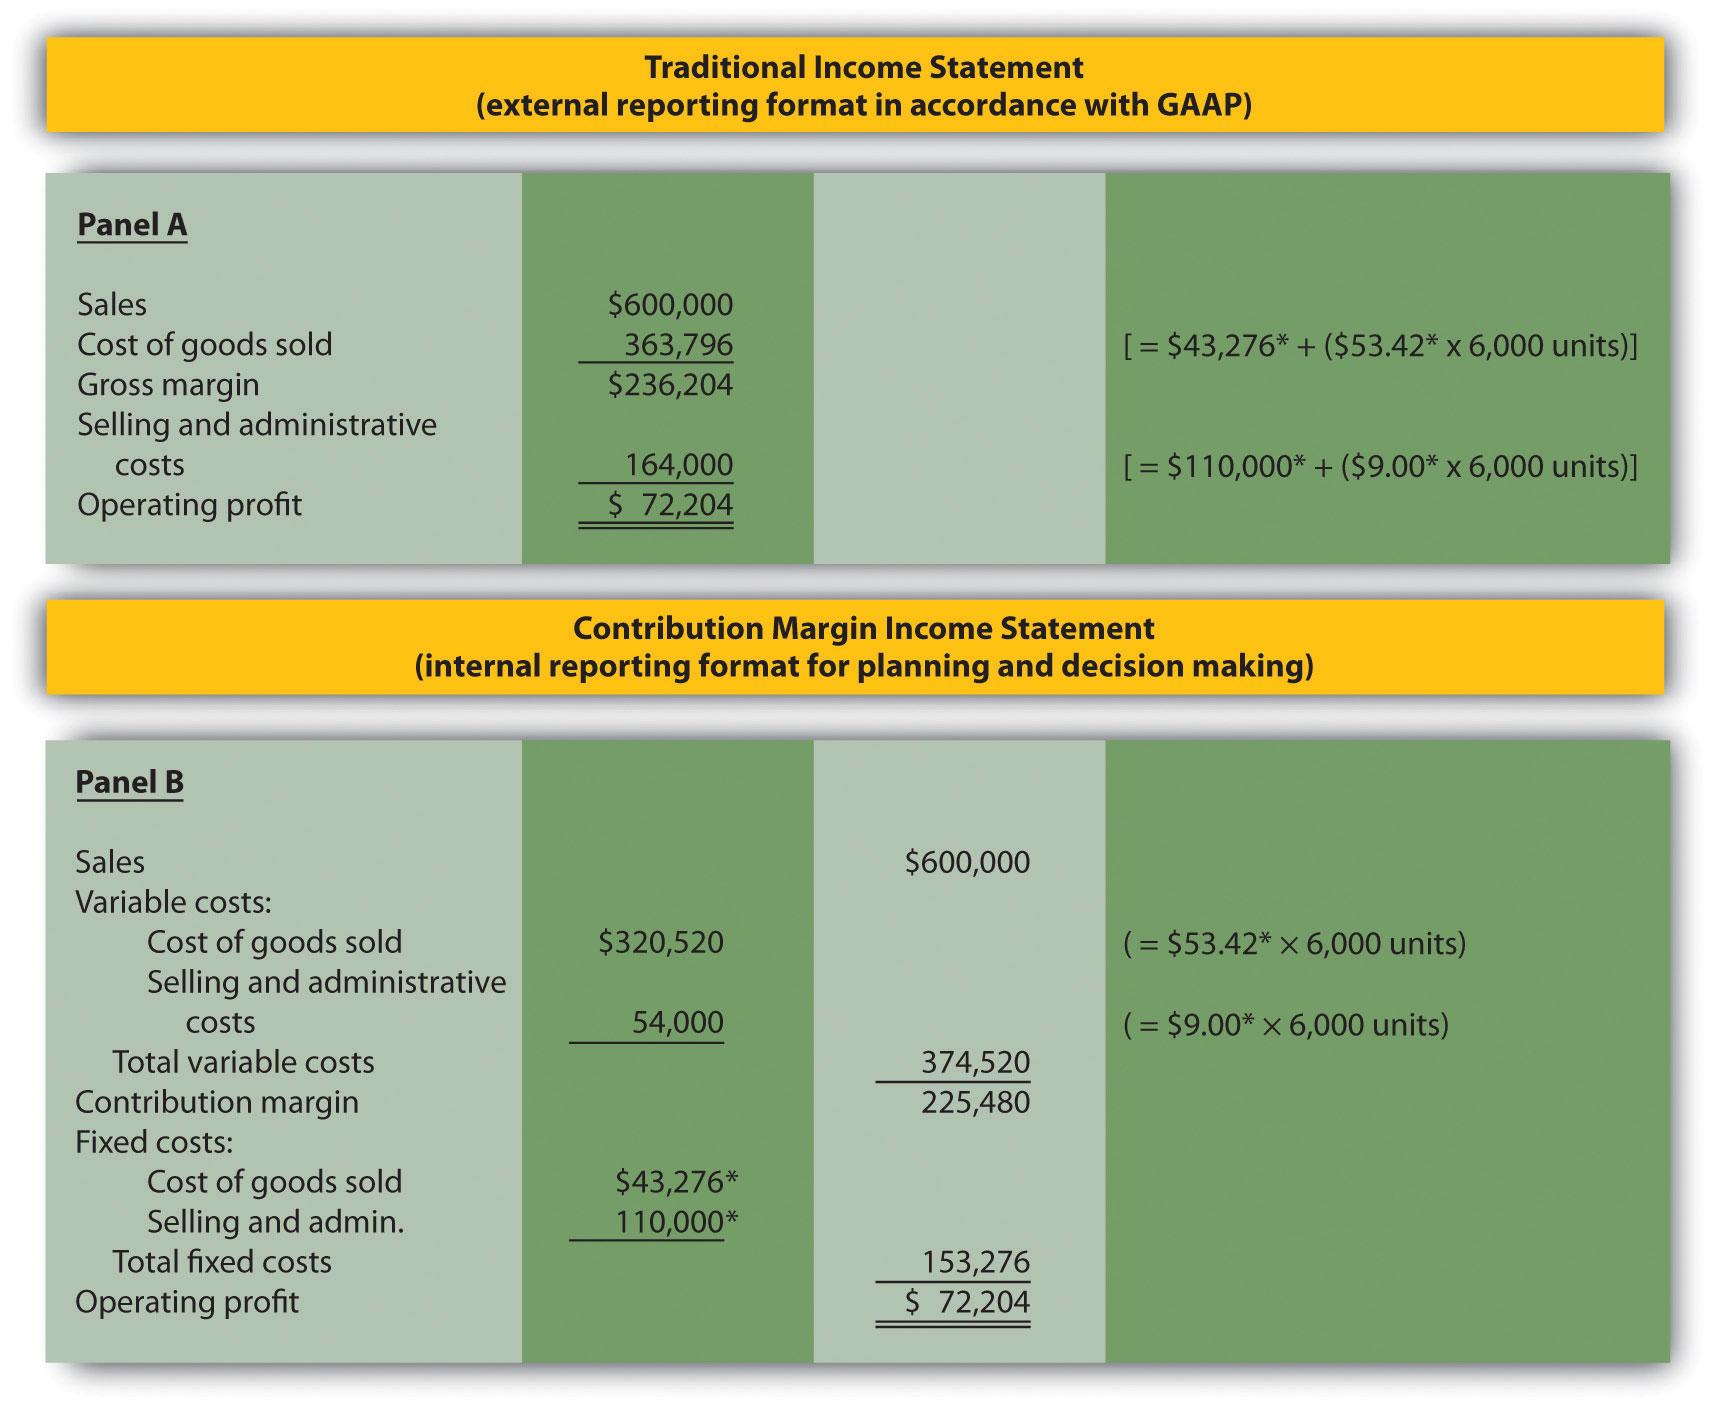 Superior 5.3 The Contribution Margin Income Statement